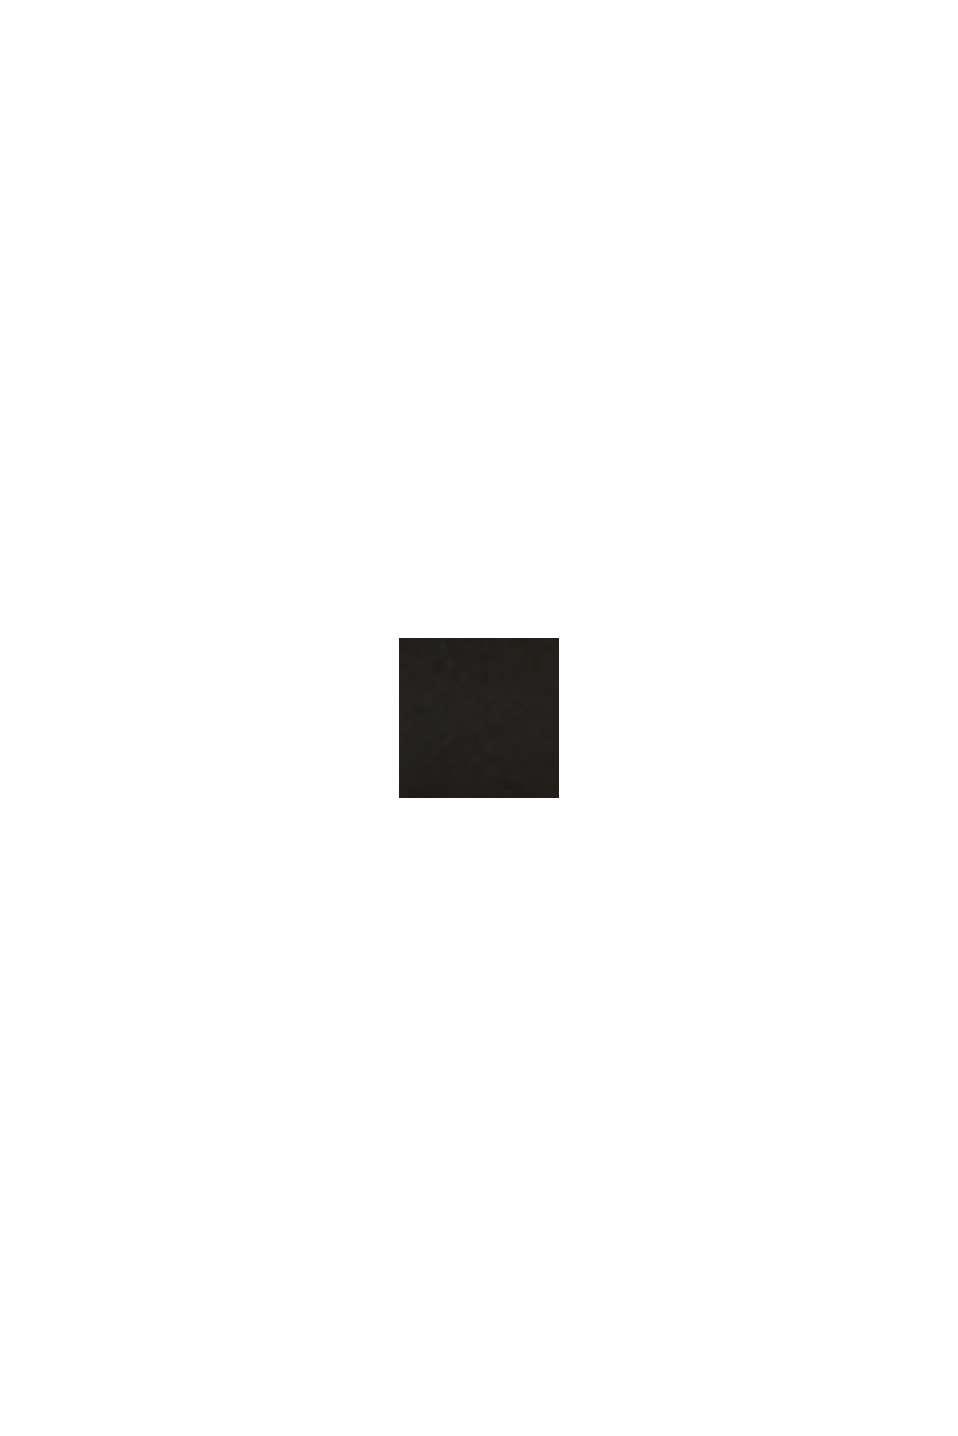 Kevyet aurinkolasit asetaattia, BLACK, swatch